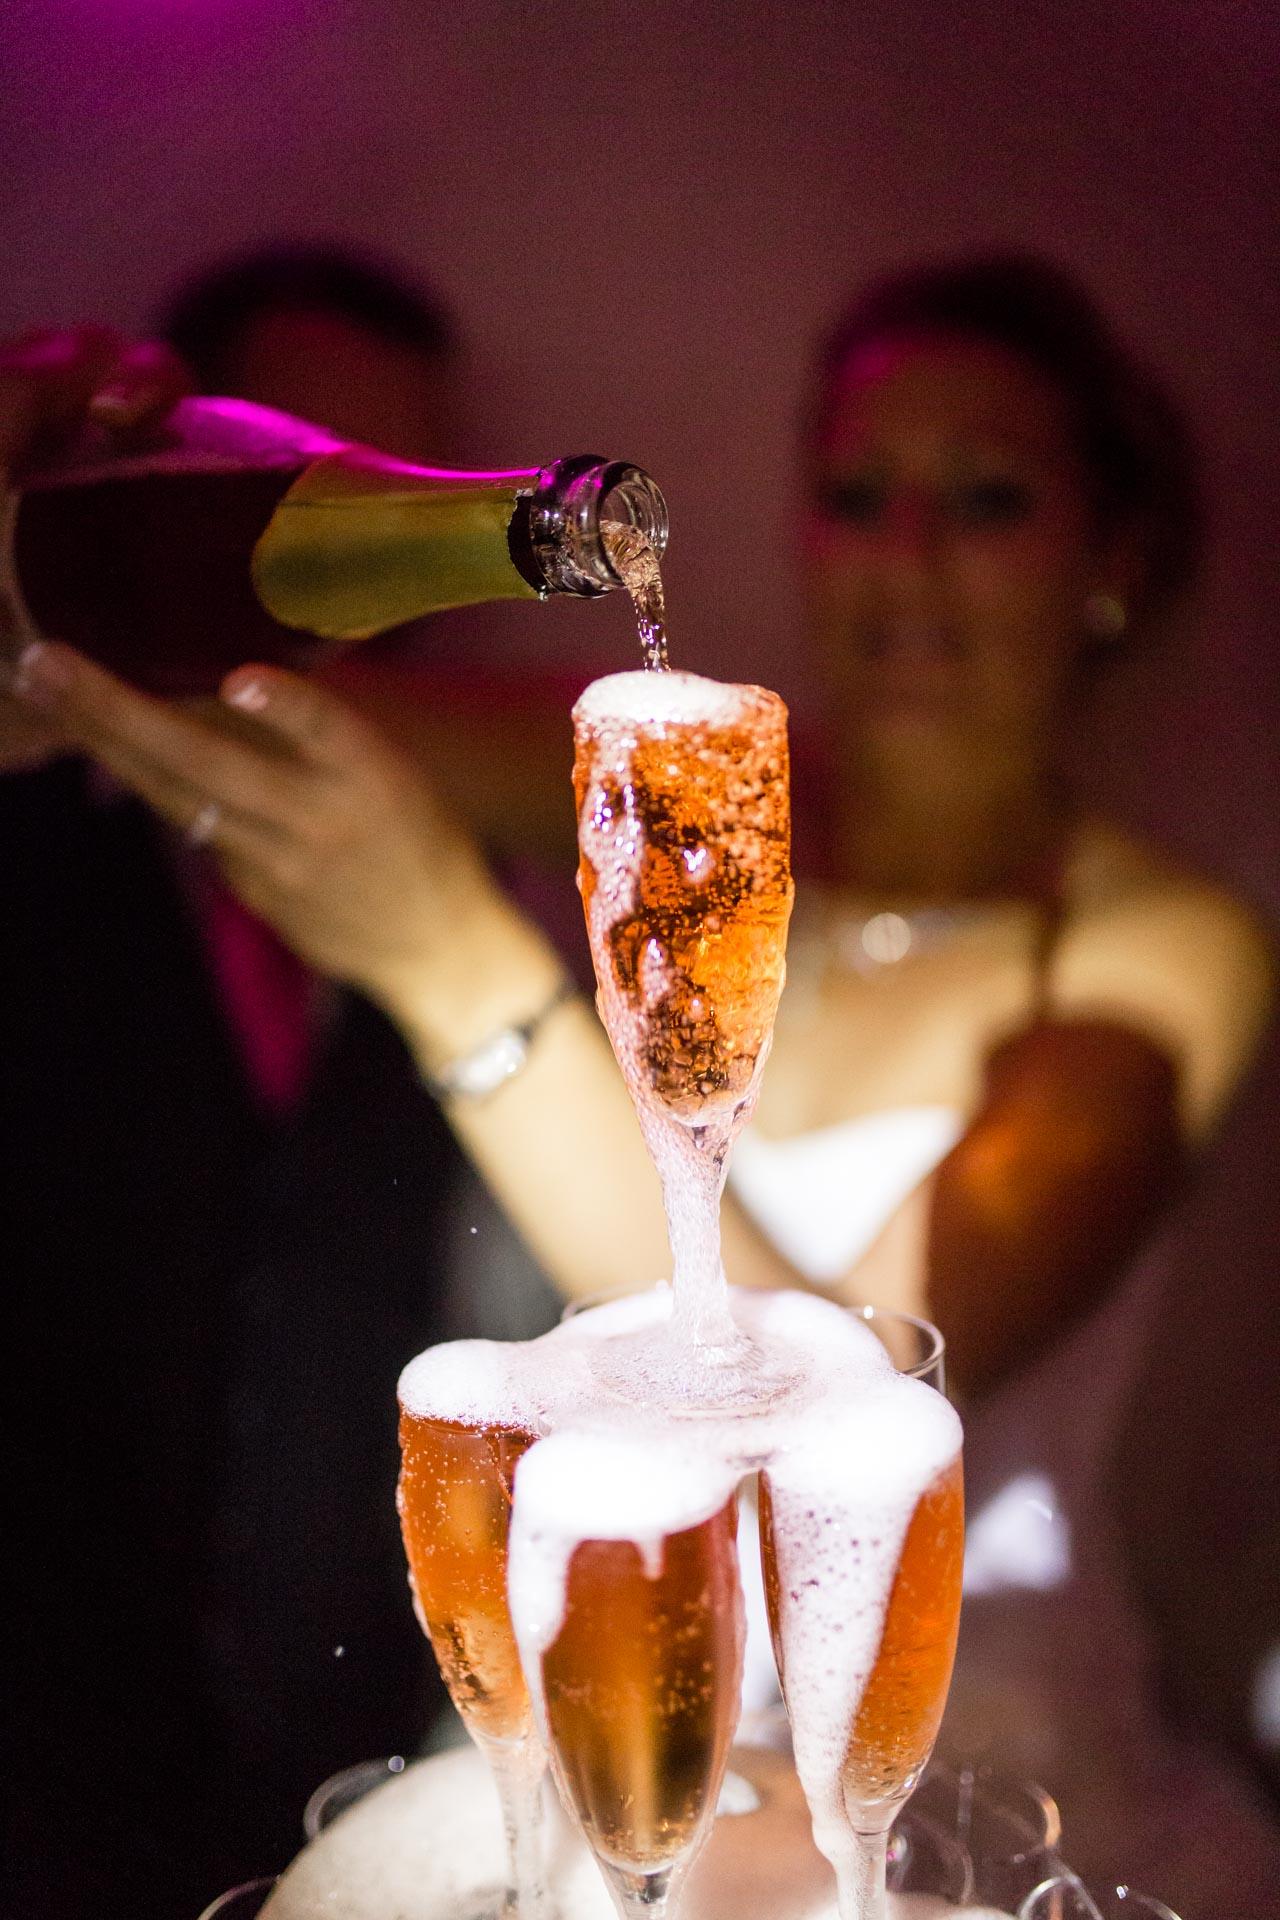 le champagne coule a flot